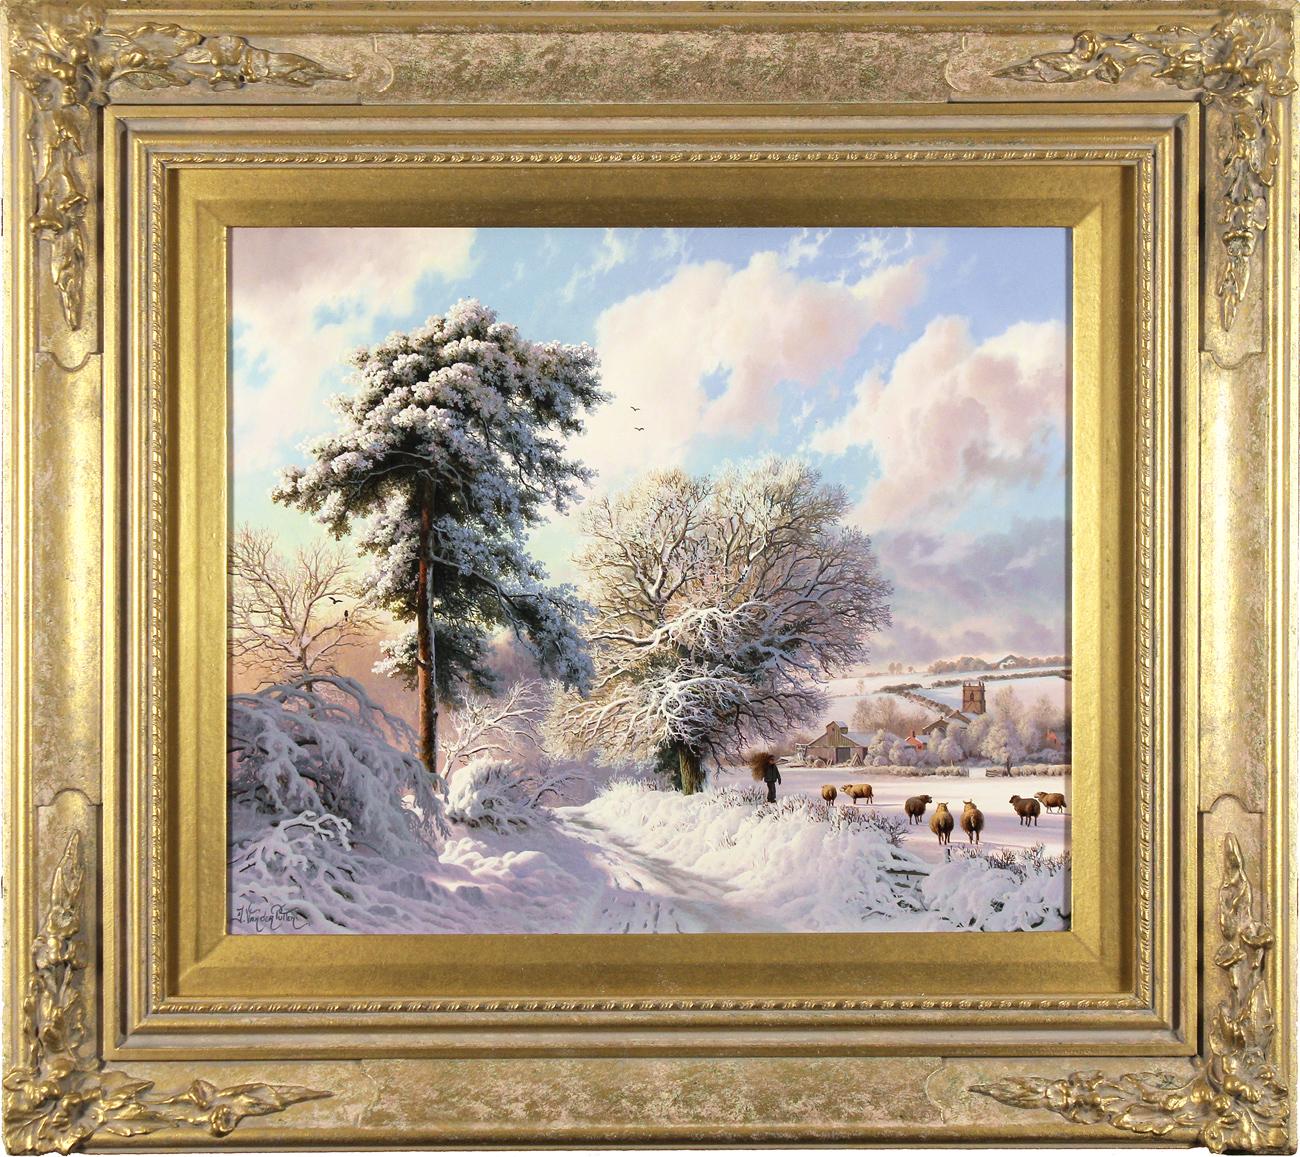 Daniel Van Der Putten, Original oil painting on panel, Weedon Lane in Winter, Northamptonshire, click to enlarge